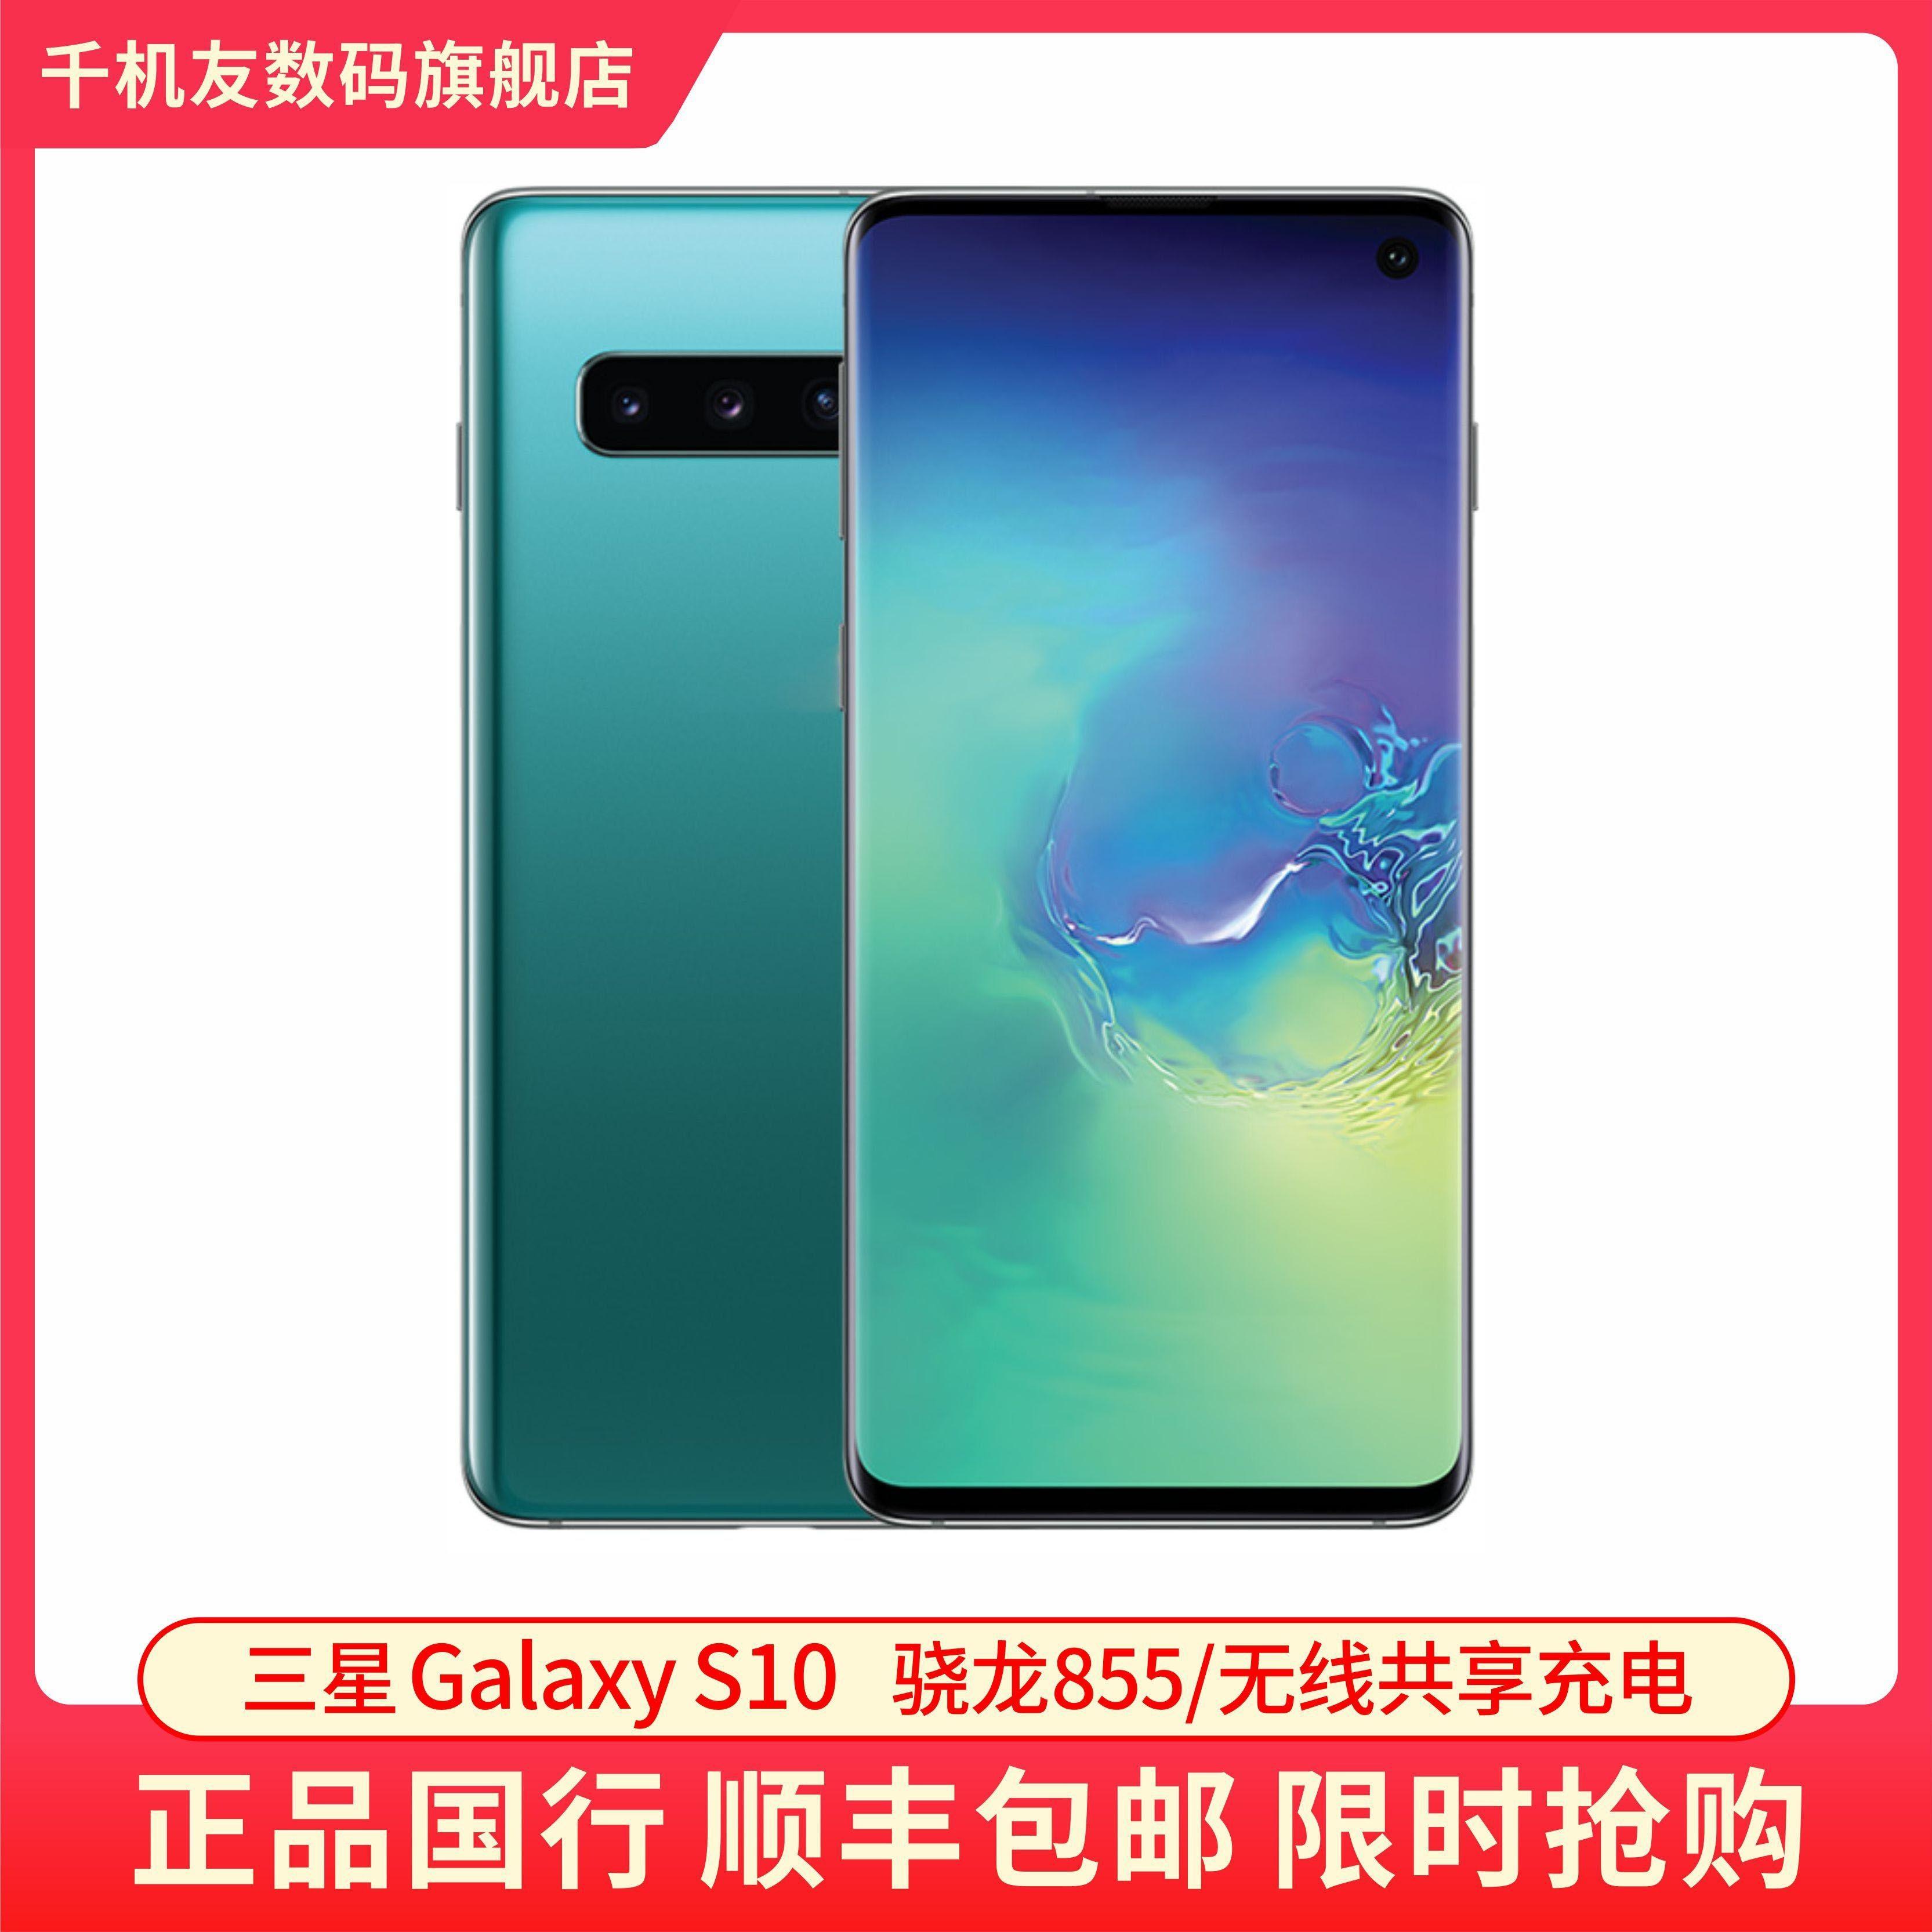 SAMSUNG 三星 Galaxy S10 智能手机 8GB+128GB ¥3799